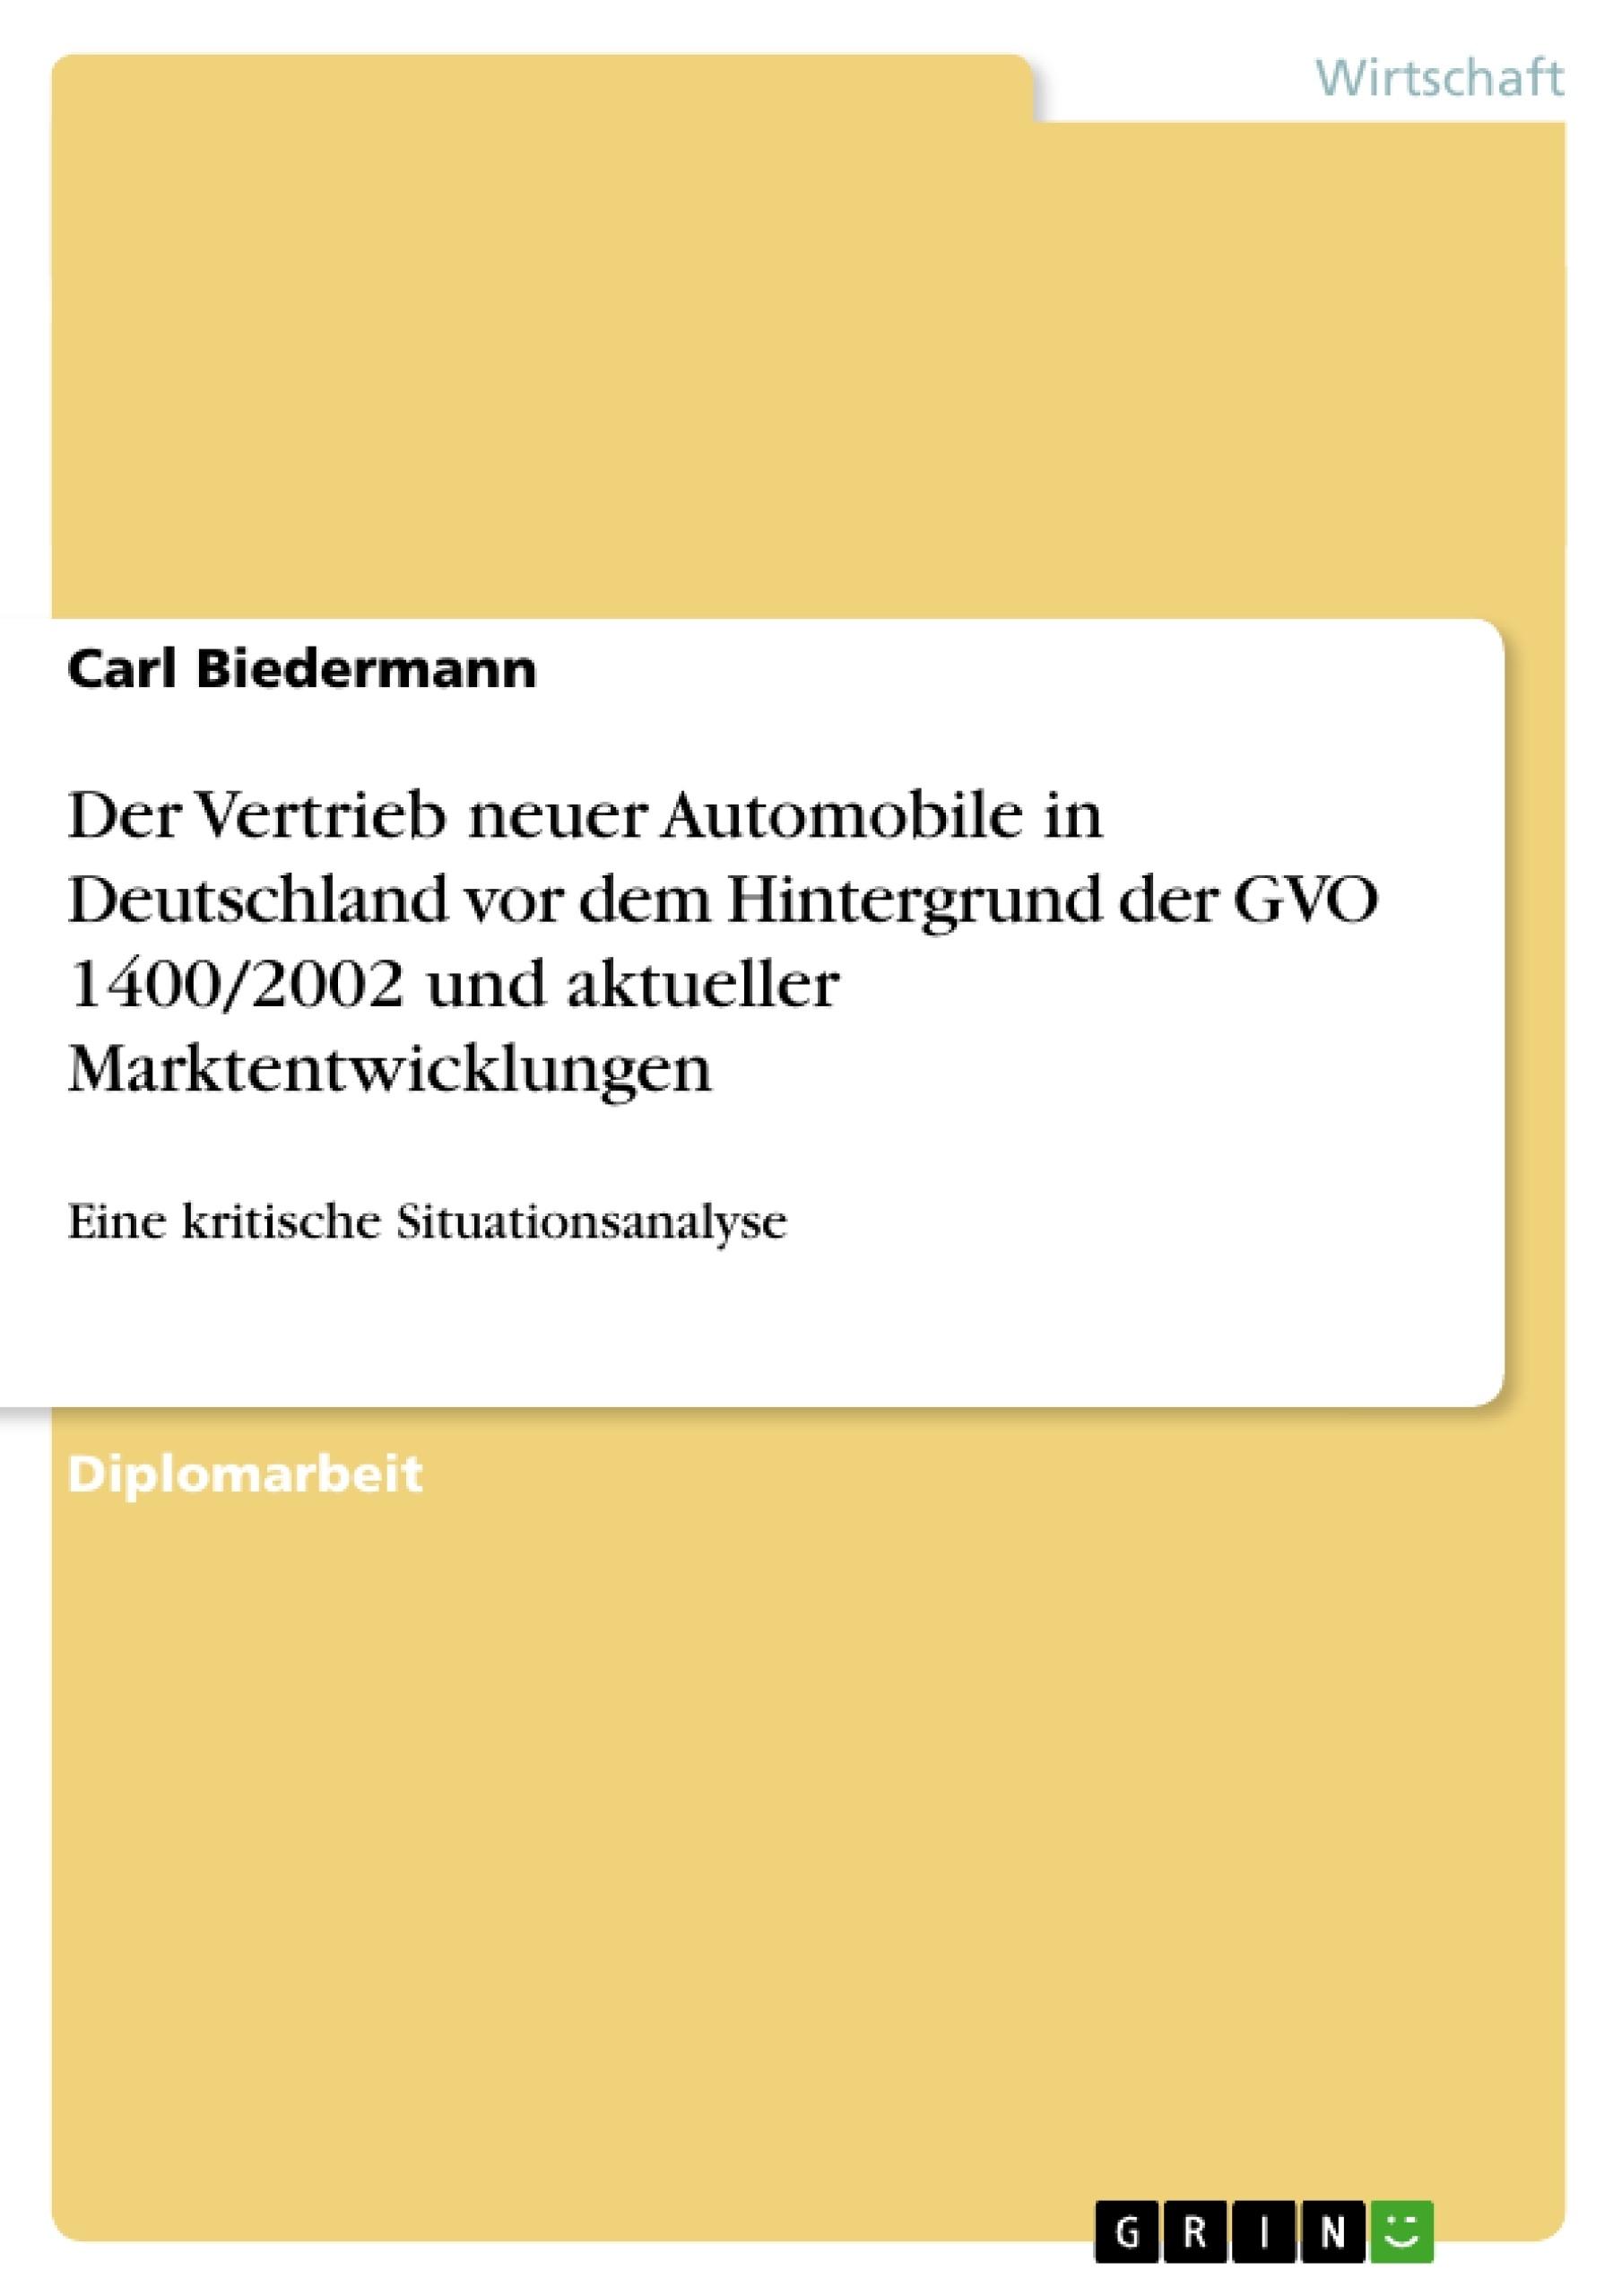 Titel: Der Vertrieb neuer Automobile in Deutschland vor dem Hintergrund der GVO 1400/2002 und aktueller Marktentwicklungen